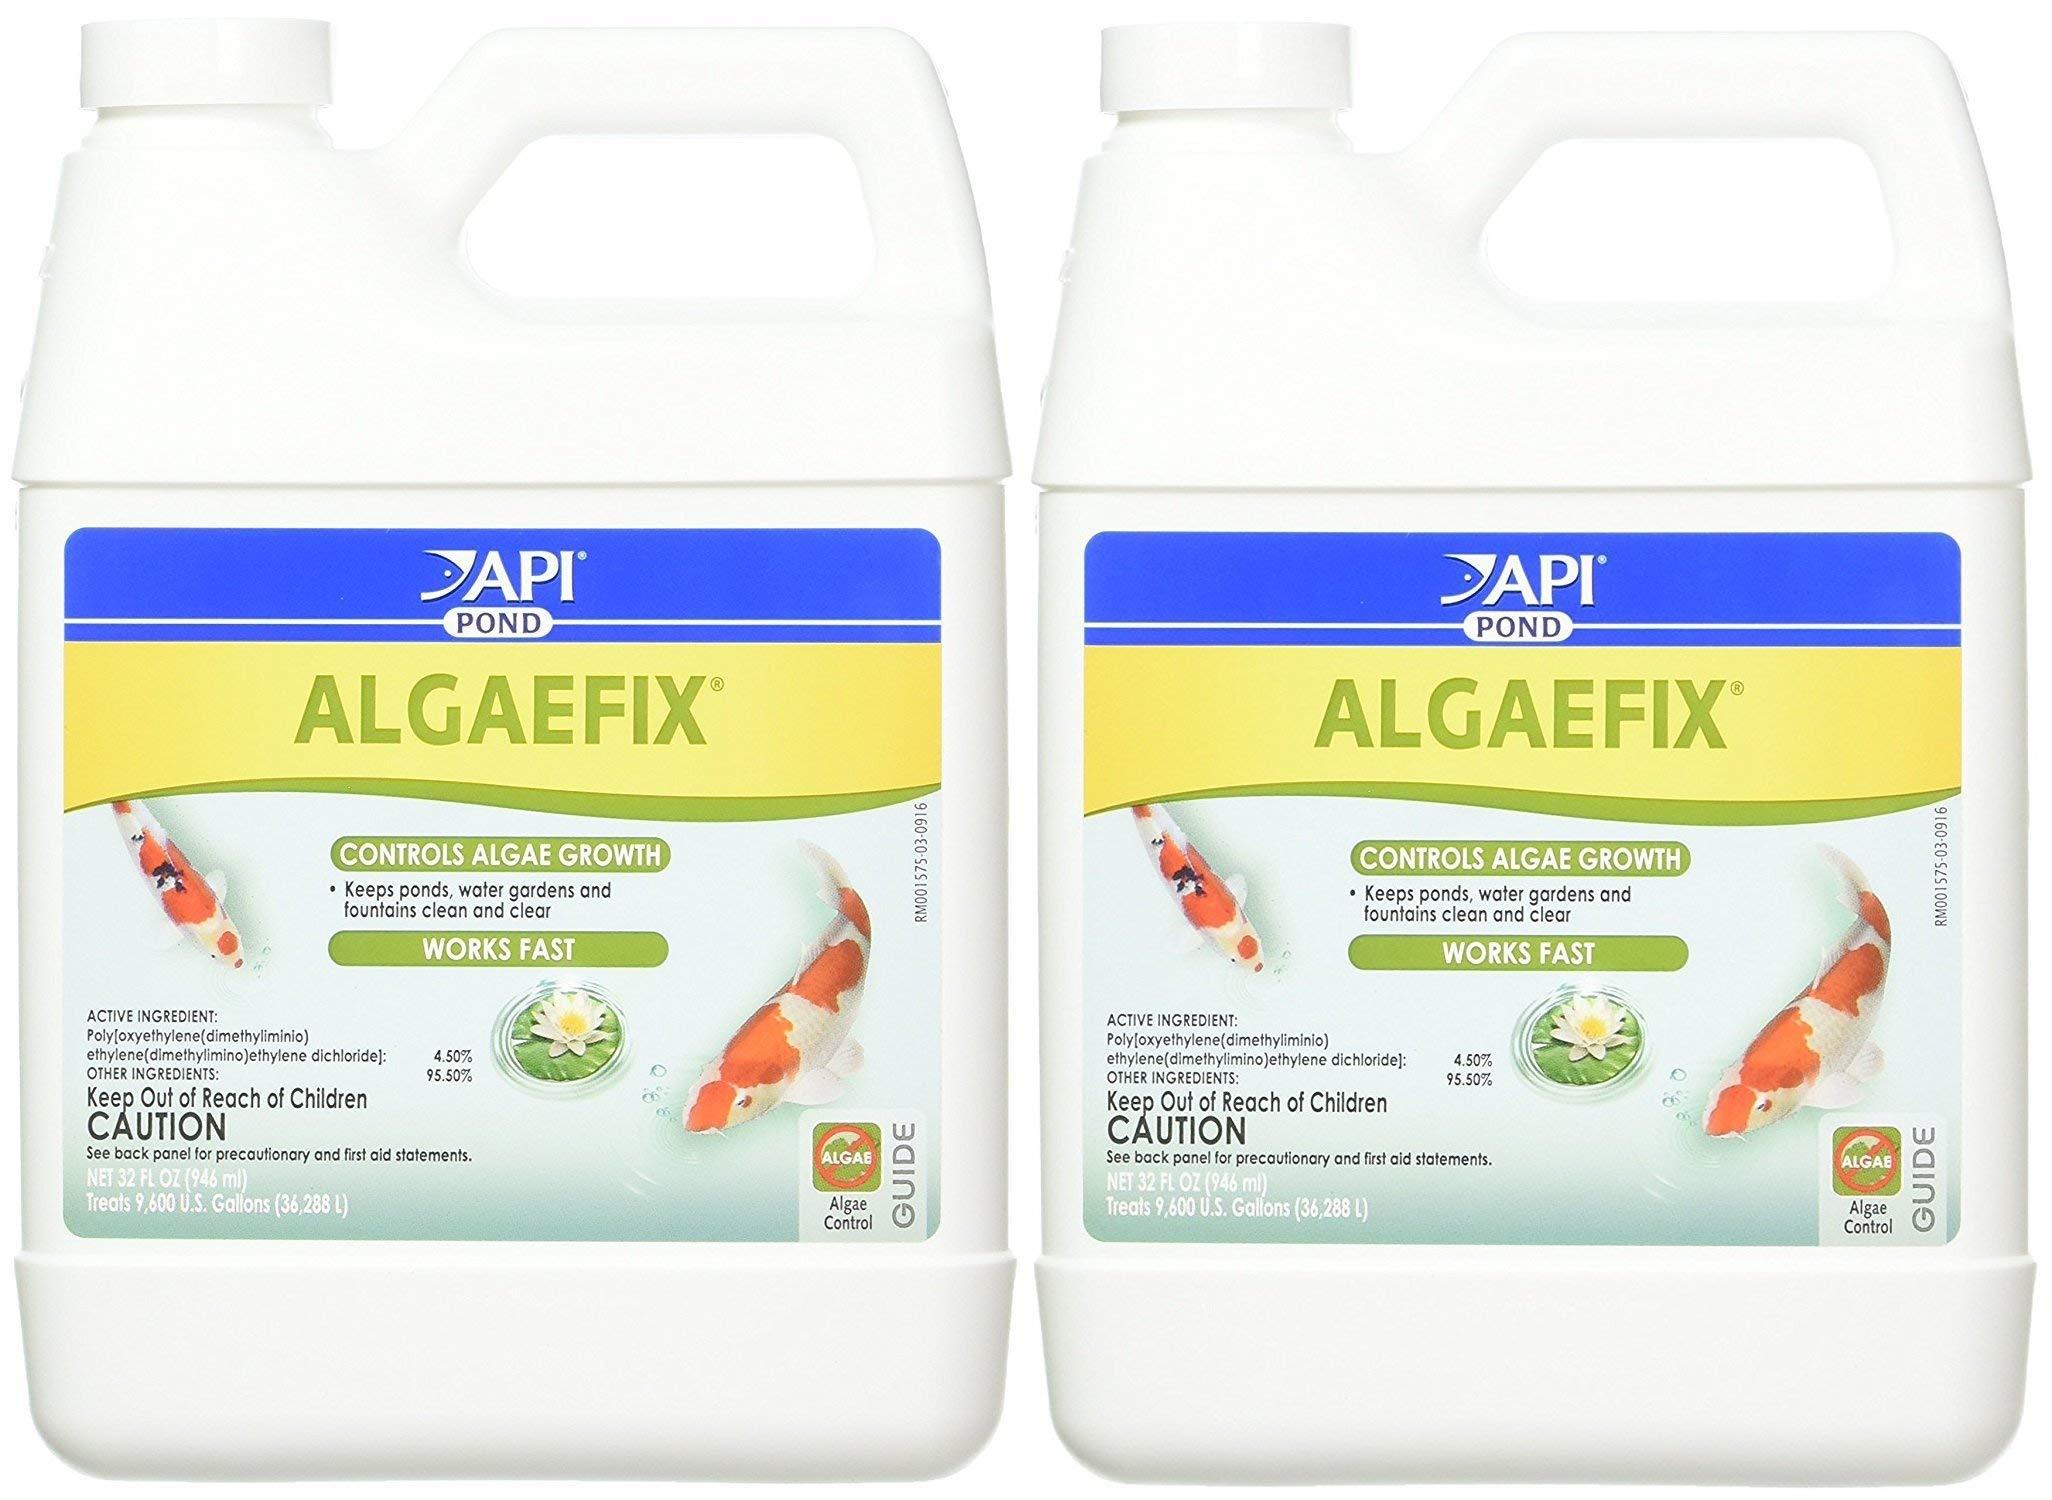 API (2 Pack Pondcare Algaefix Alage Control, 32-Ounce by API